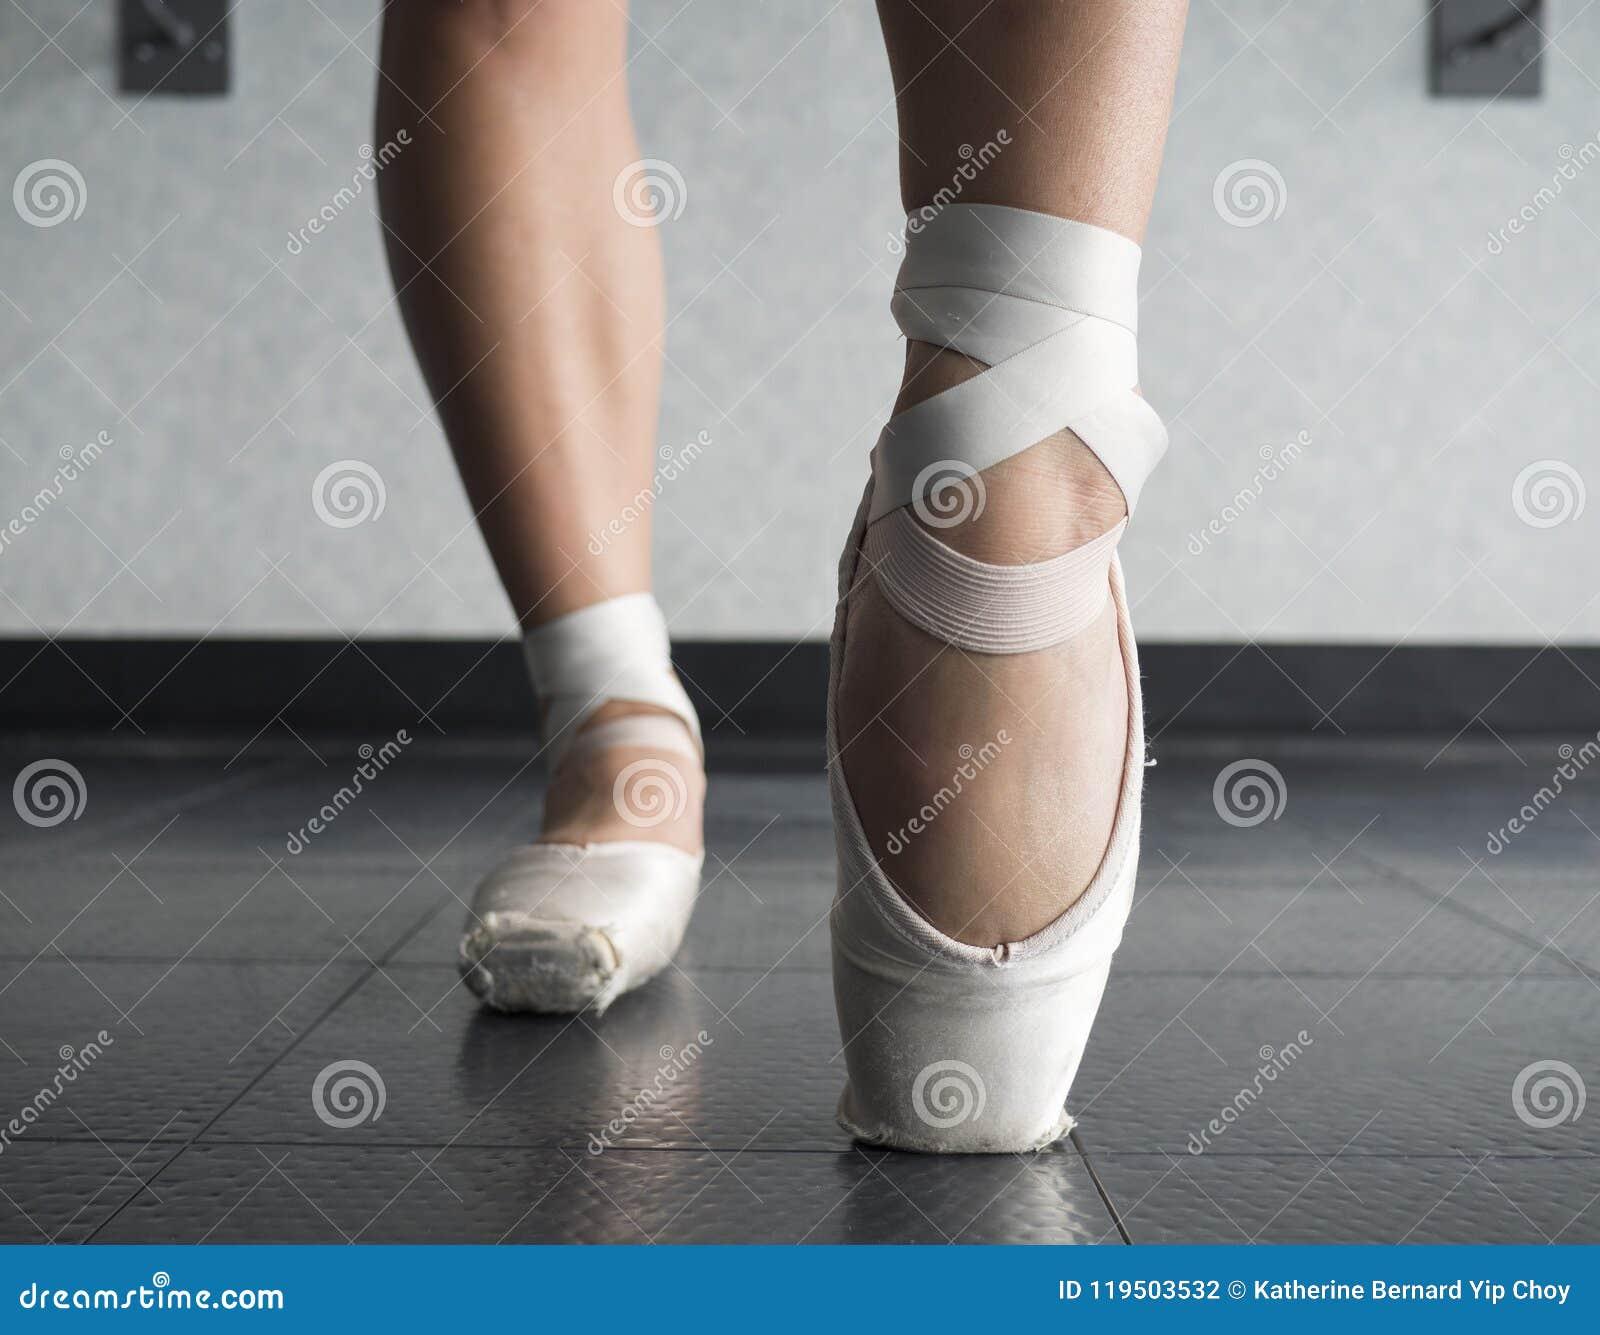 Close up view of a ballerina ballet dance, warming up her feet in ballet class